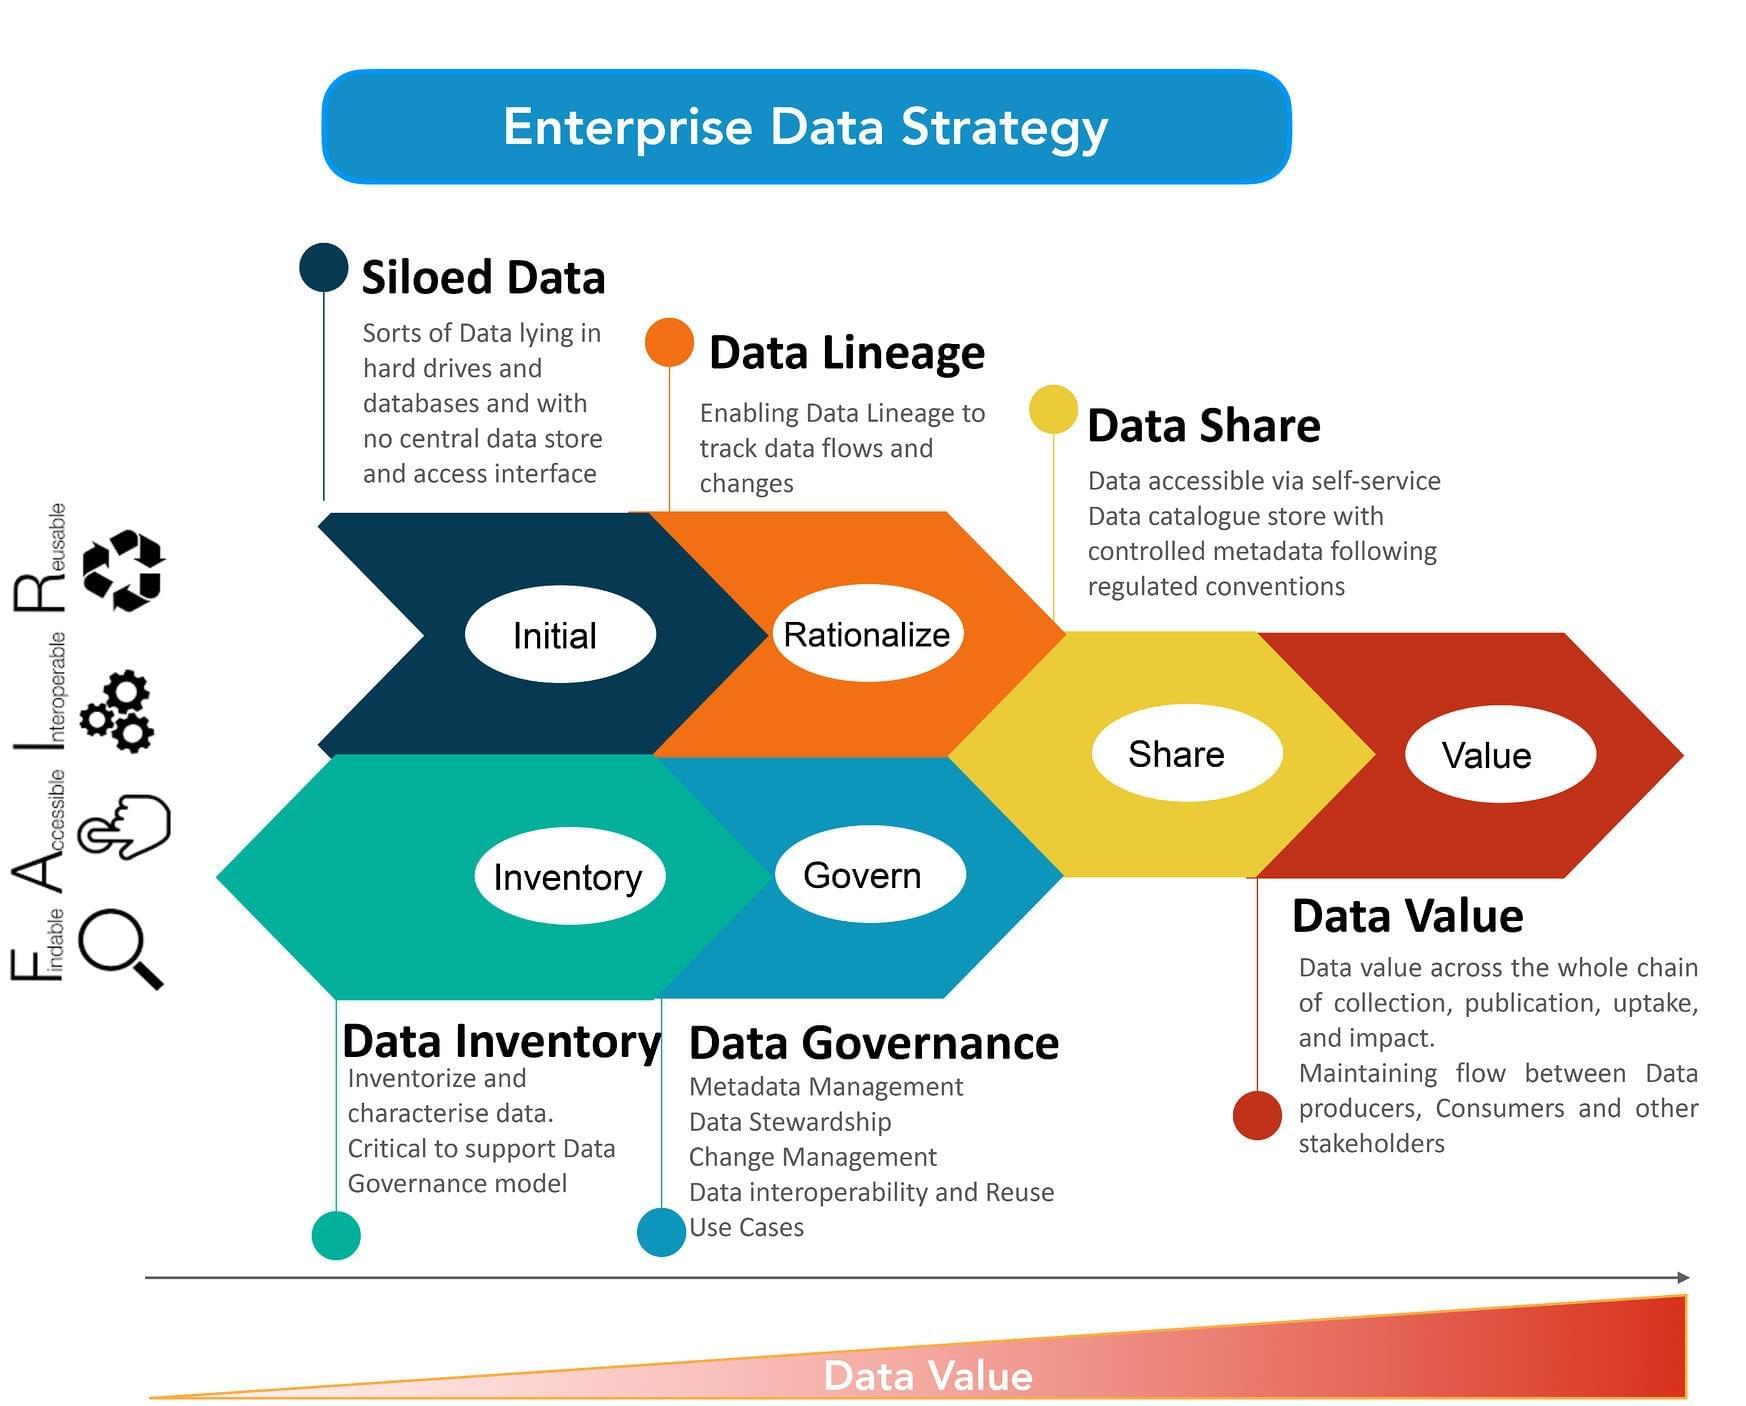 Data value lifecycle framework 2